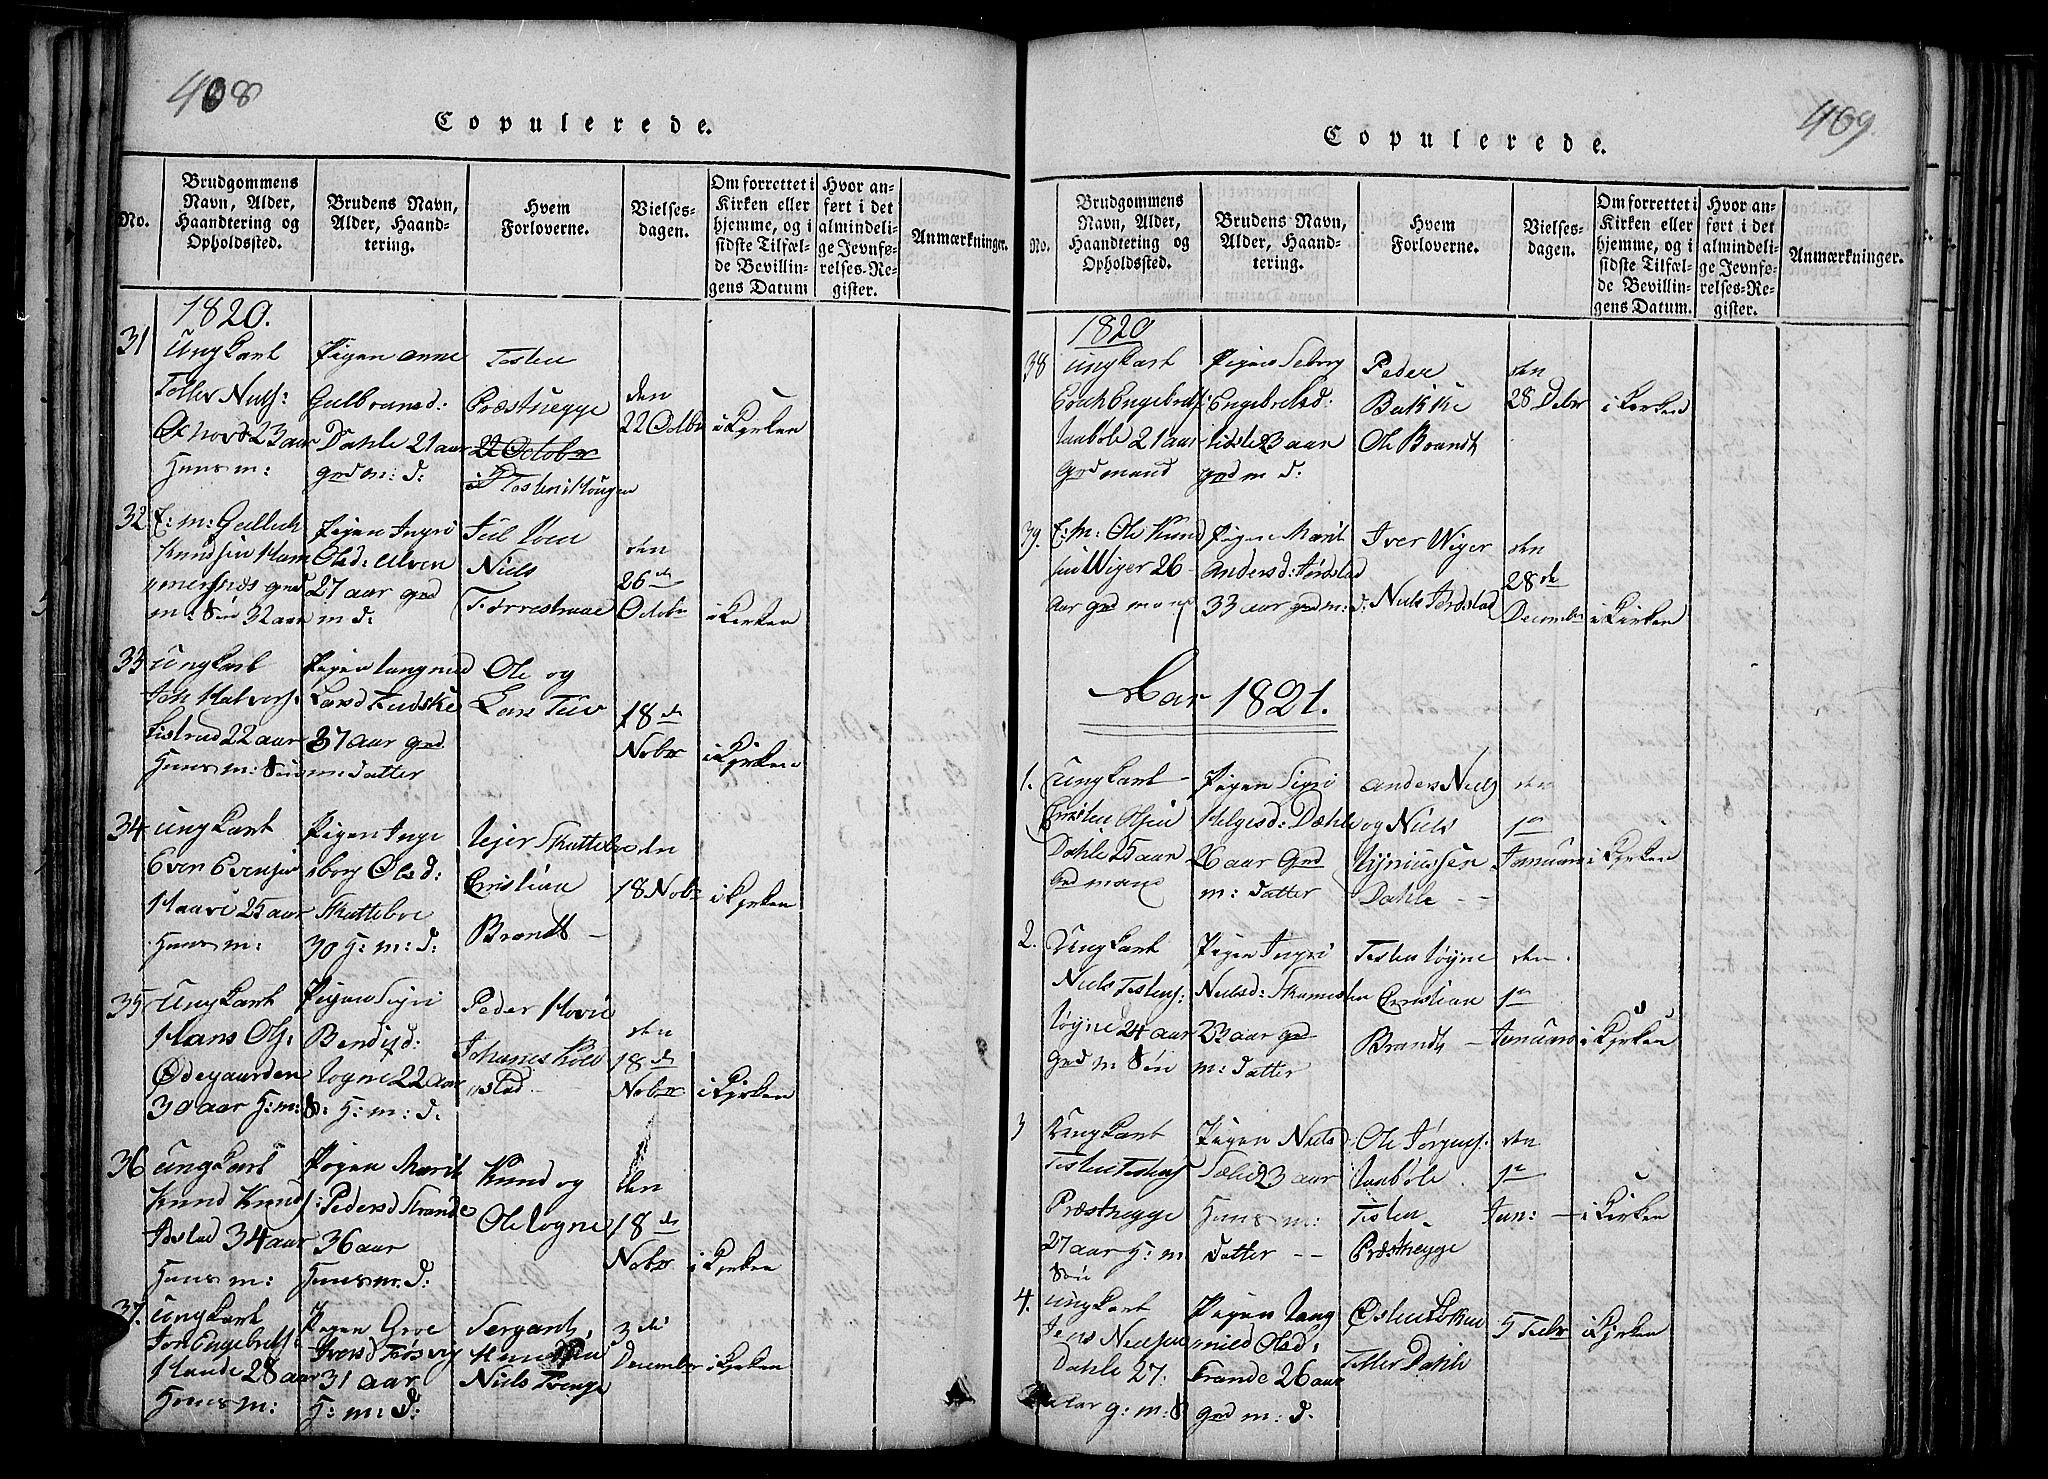 SAH, Slidre prestekontor, Ministerialbok nr. 2, 1814-1830, s. 408-409